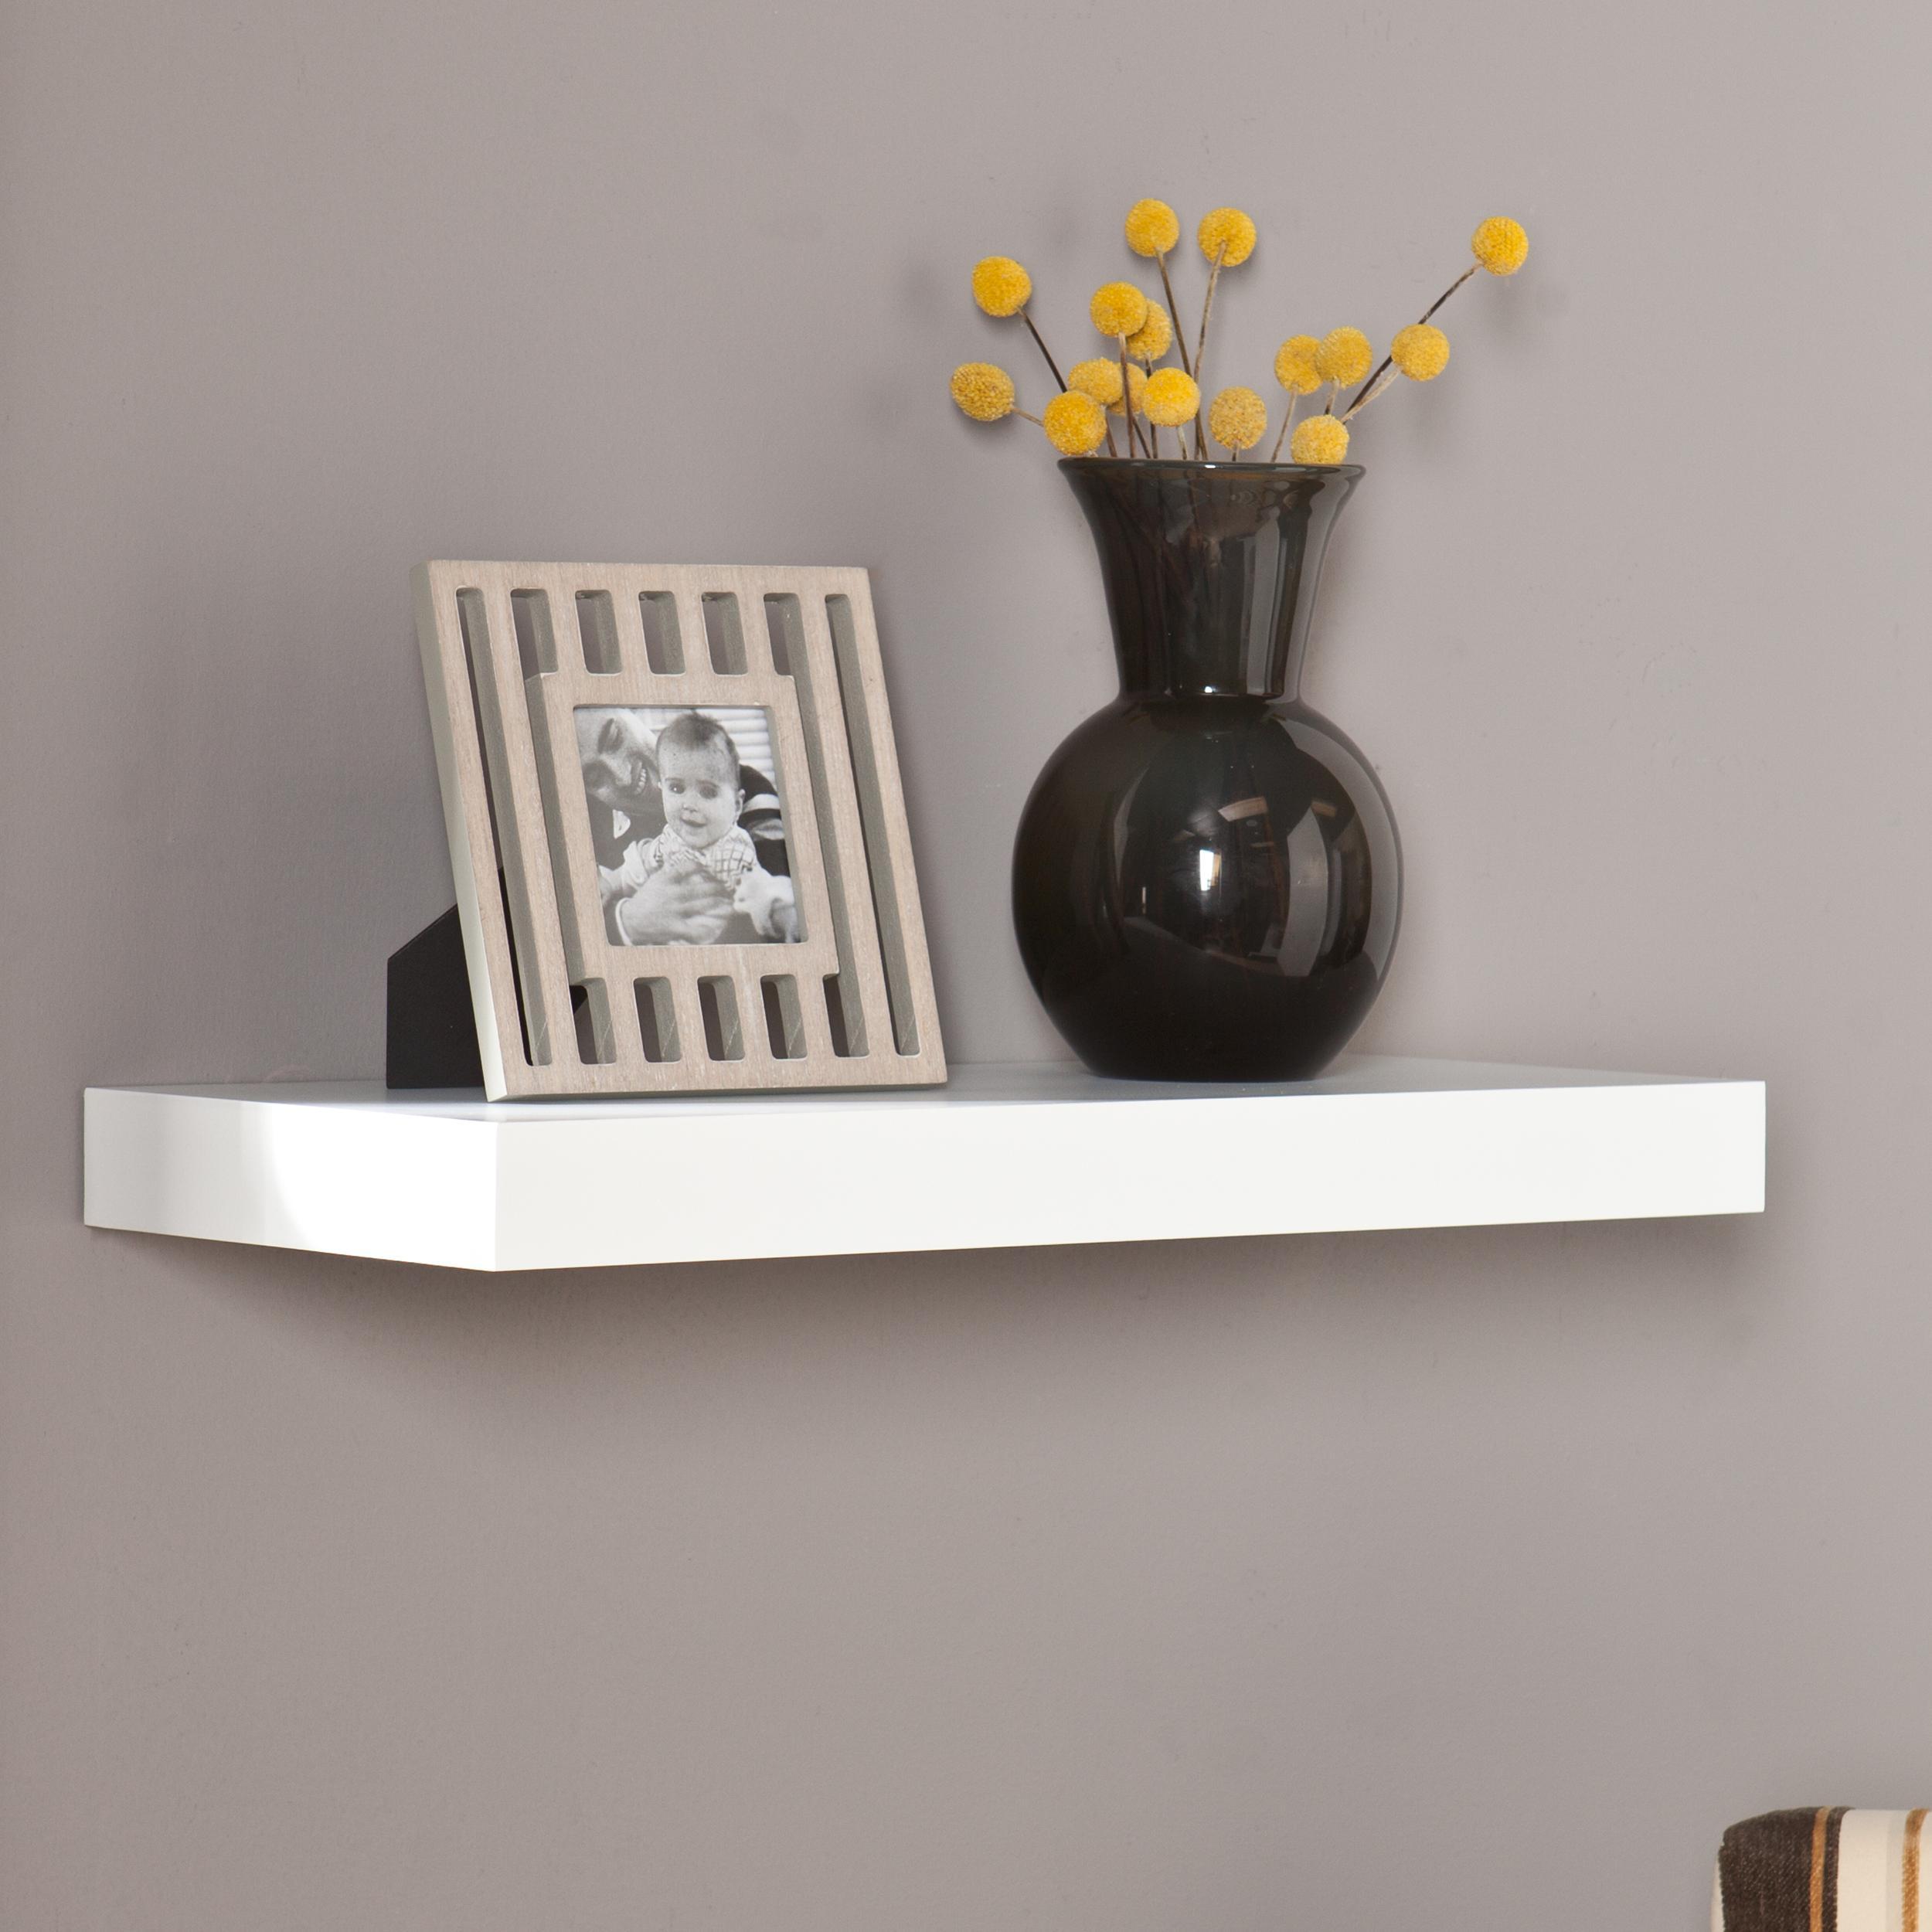 southern enterprises chicago floating wall. Black Bedroom Furniture Sets. Home Design Ideas